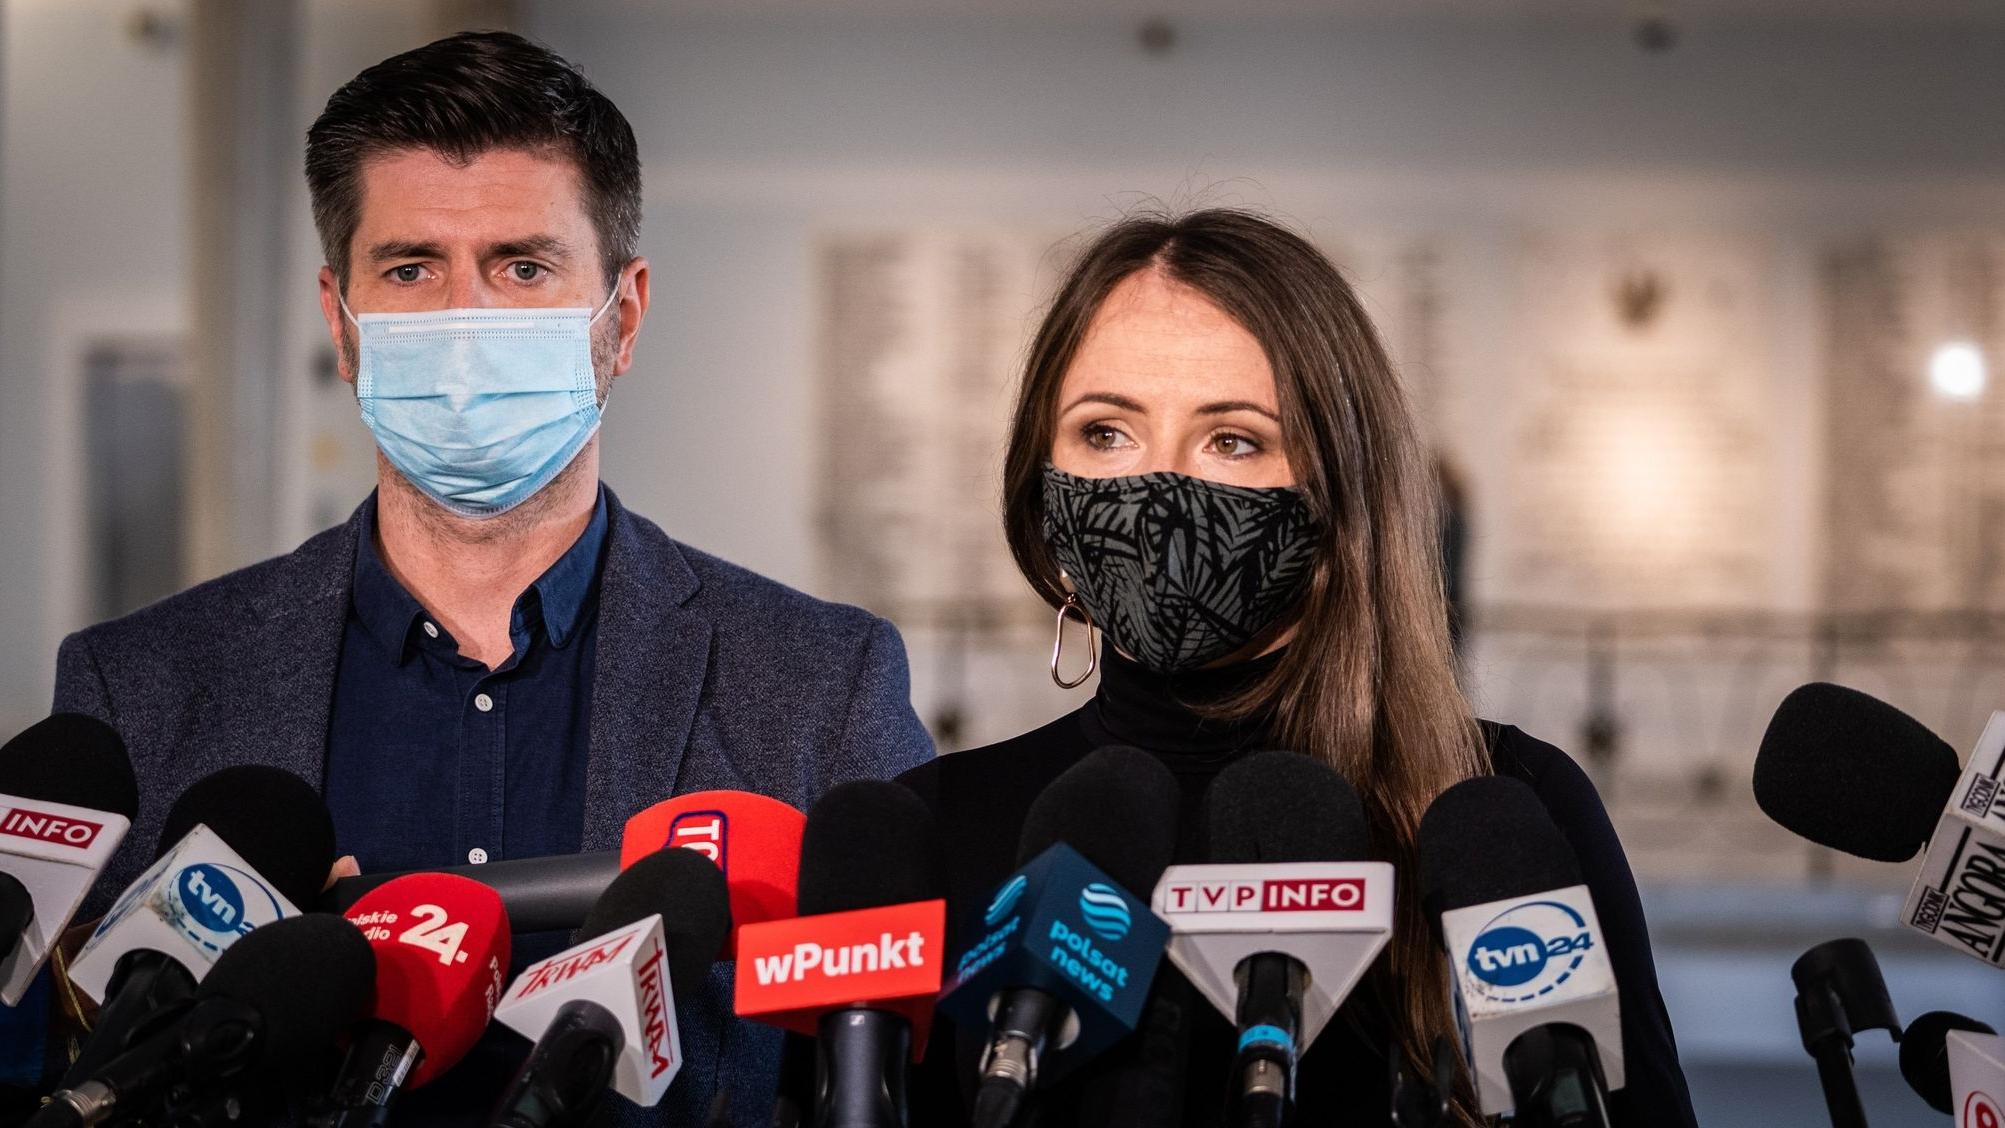 Lewica: Polsce grożą kary sięgające kilku milionów euro dziennie za niewykonanie postanowienia TSUE